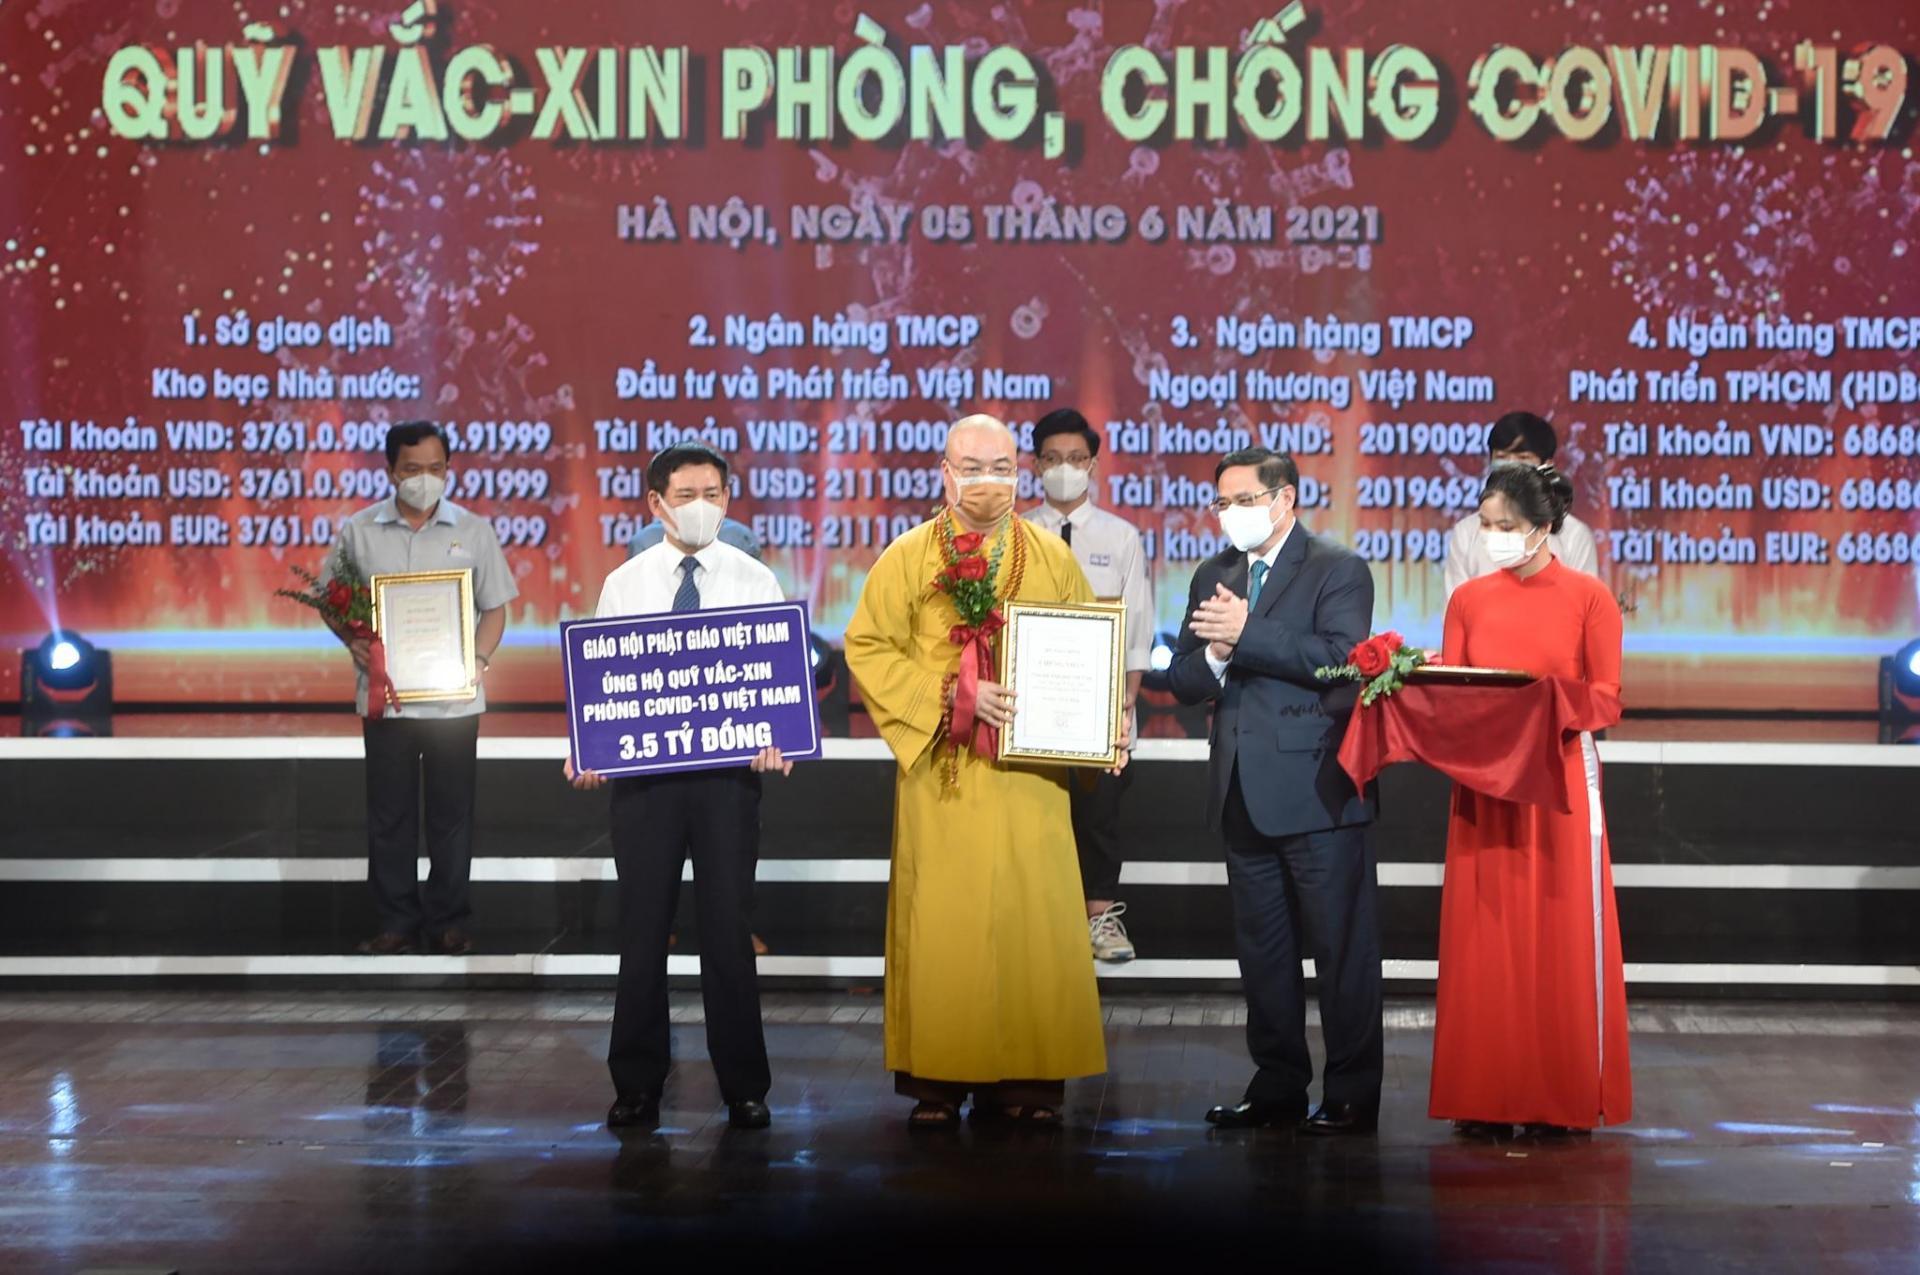 Thủ tướng Chính phủ Phạm Minh Chính trao chứng nhận, hoa cảm ơn Hòa Thượng Thích Thanh Nhiễu, Phó Chủ tịch Thường trực Hội đồng Trị sự Trung ương Giáo hội Phật Giáo Việt Nam.